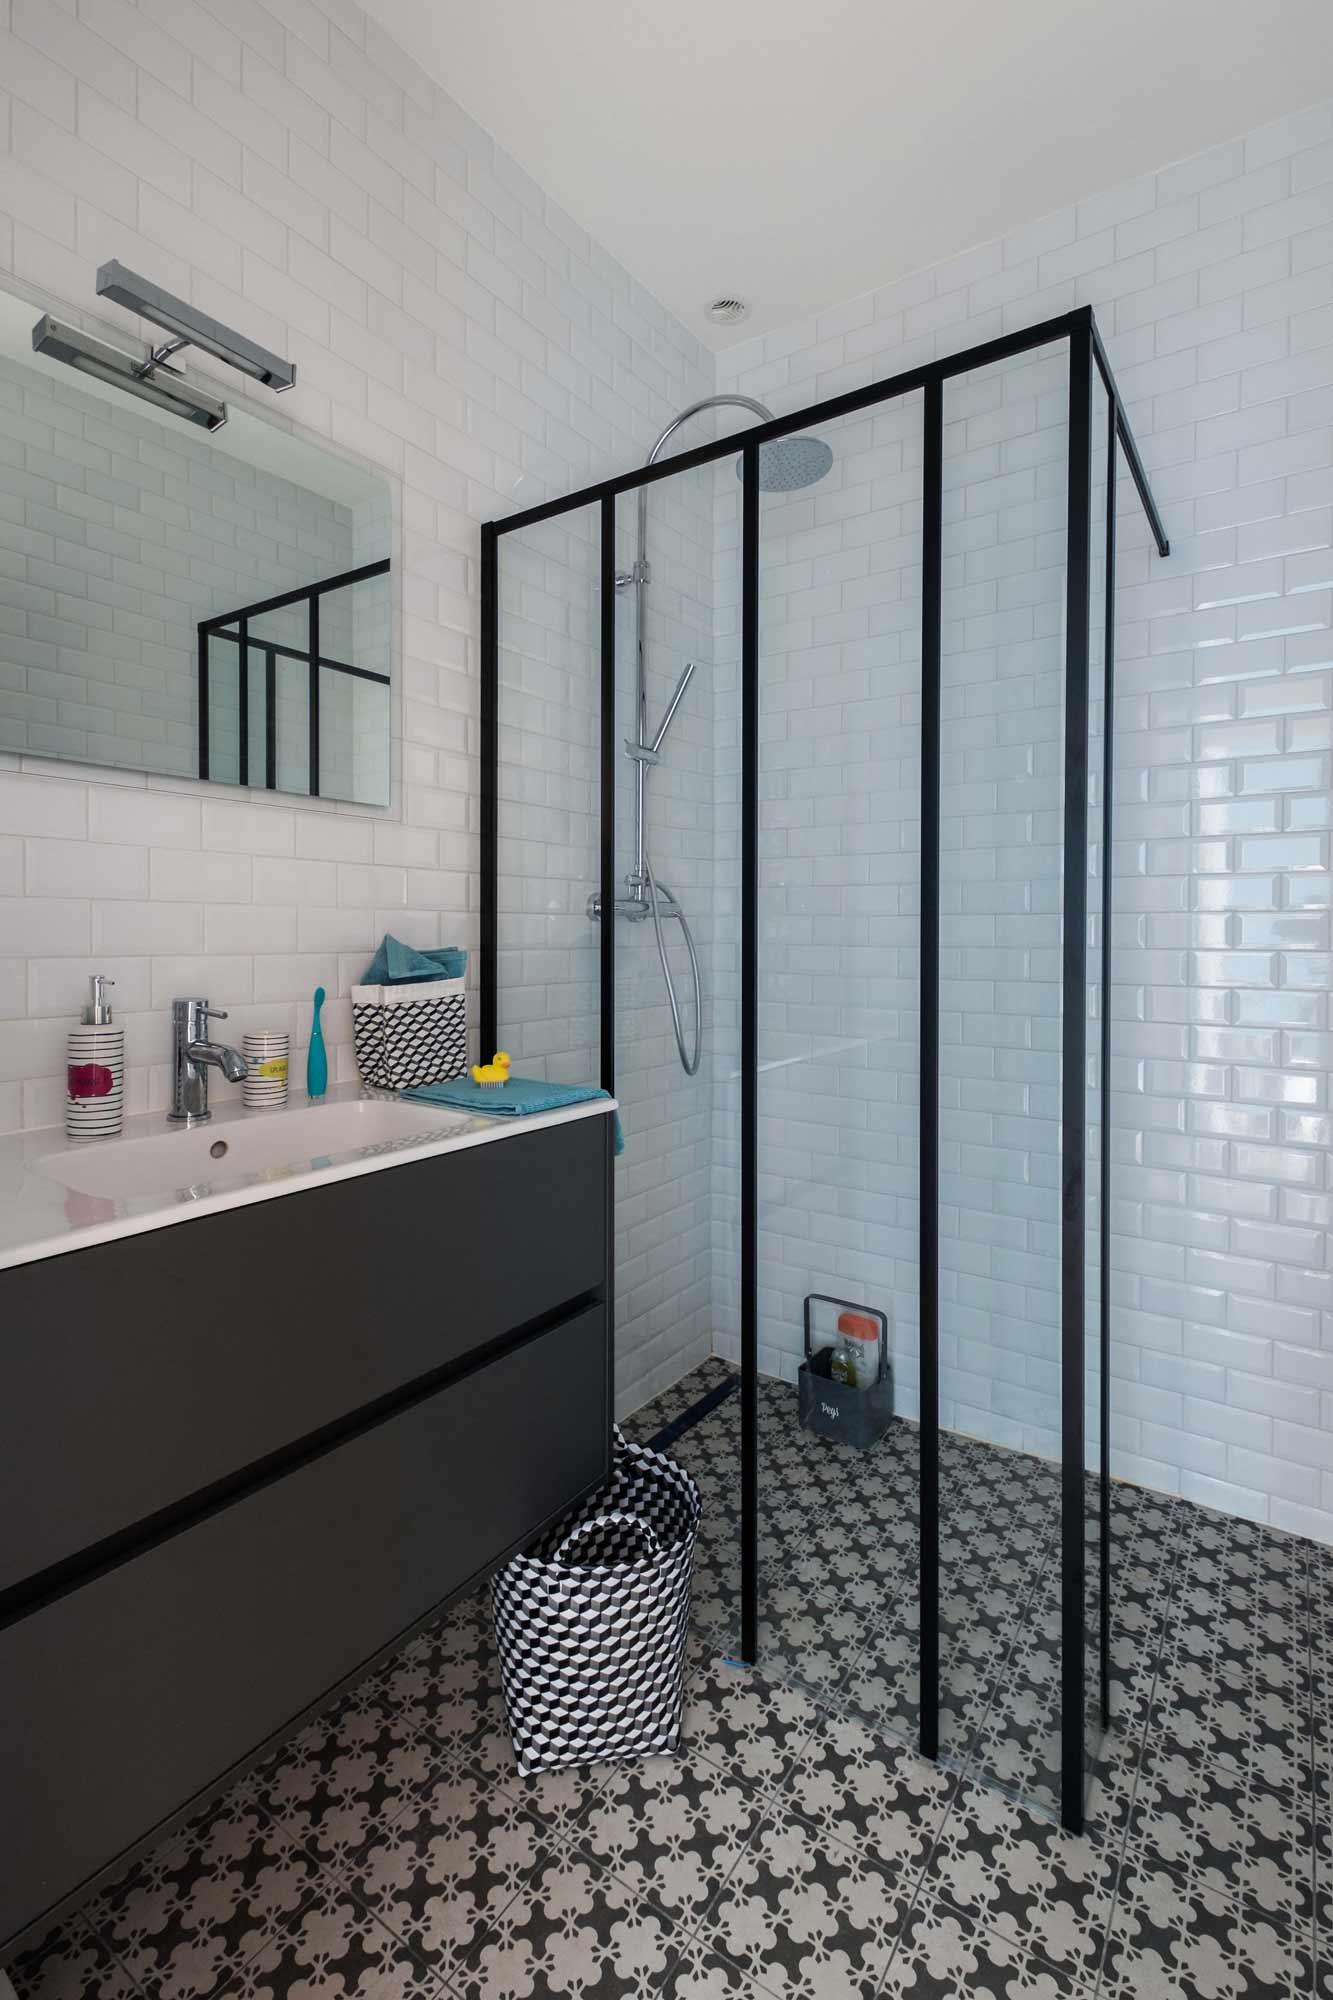 rénovation - salle de douche - verrière - carrelage métro - blanc - carrelage graphique